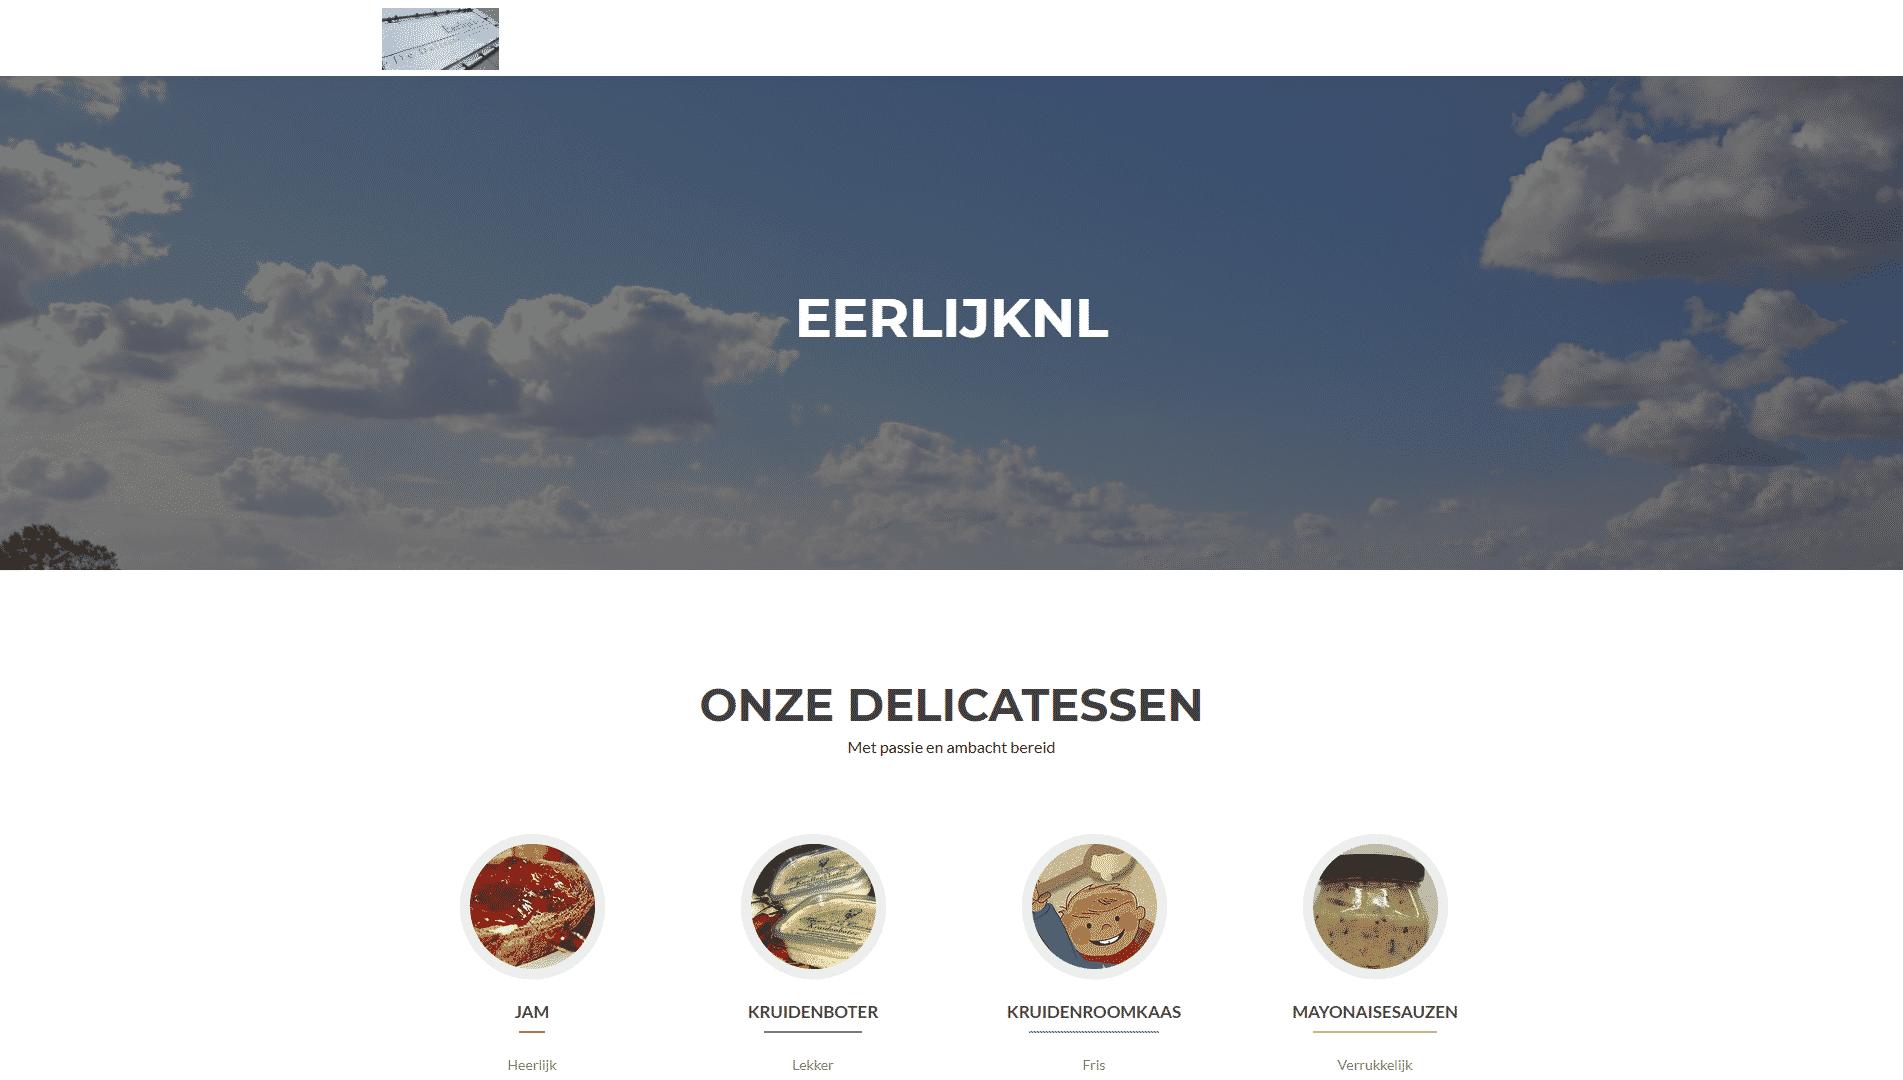 De voorpagina van de website van eerlijknl die gemaakt is door galileo academy